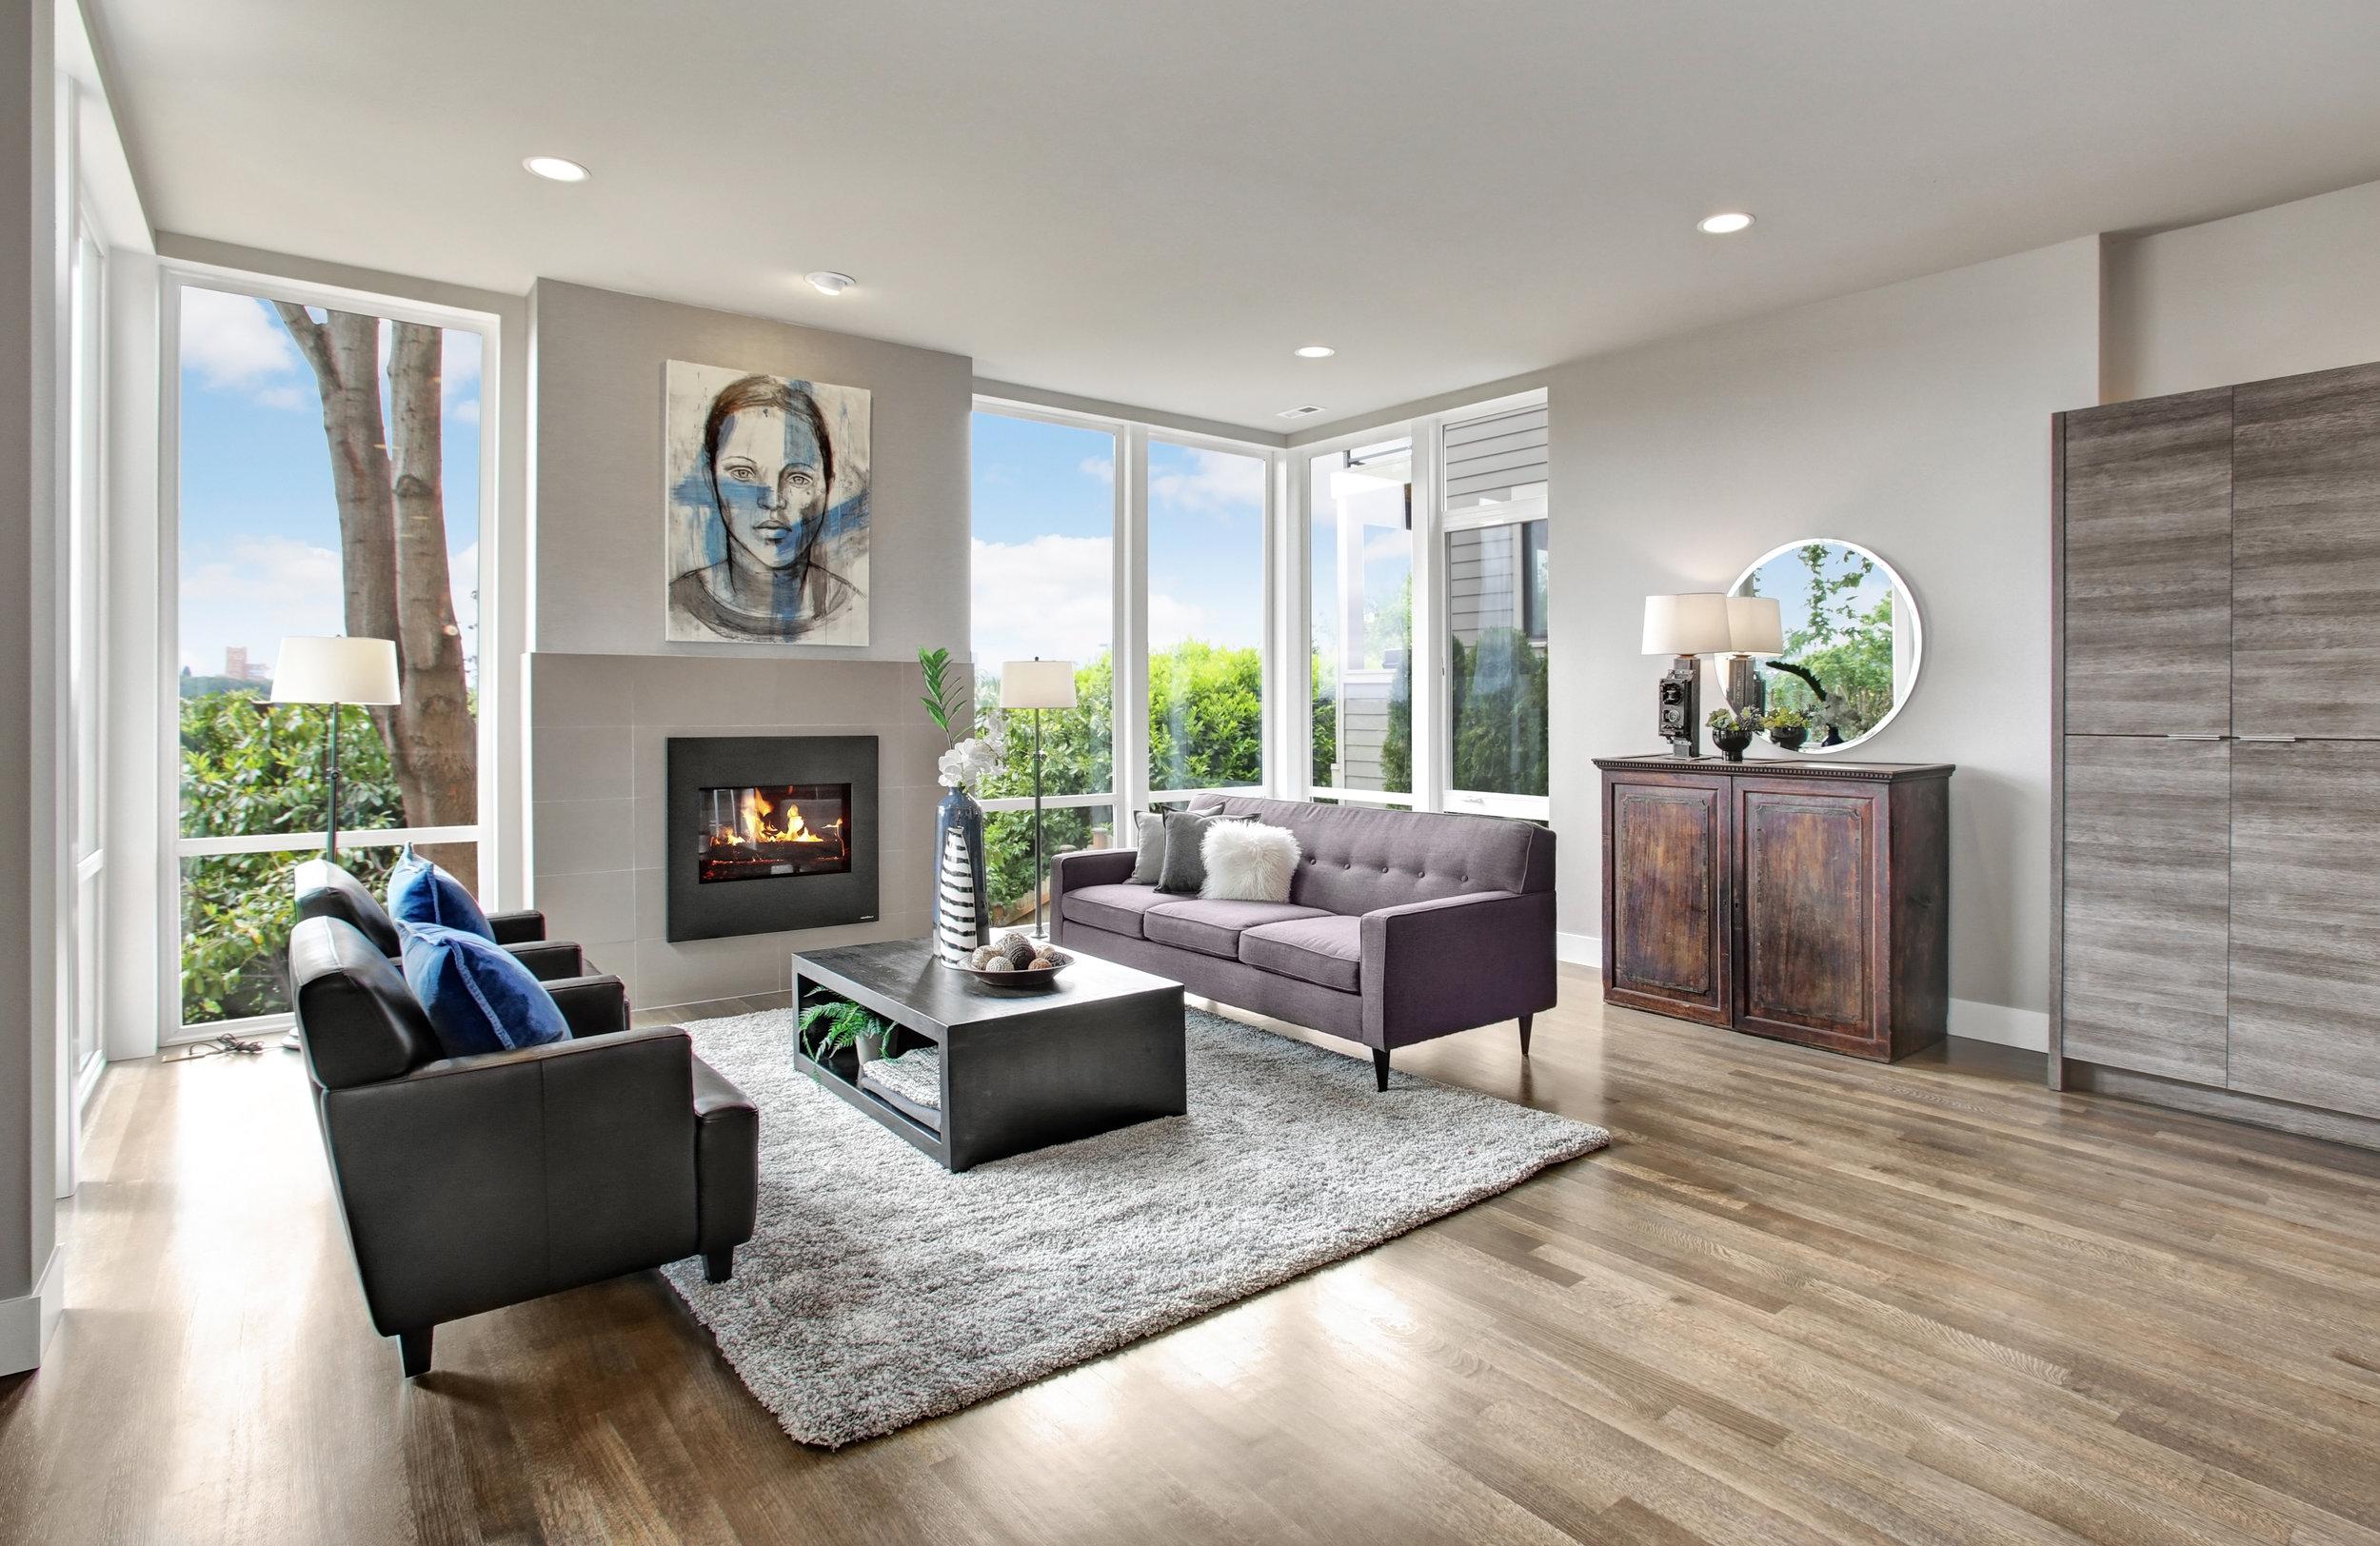 livingroomlargeprint.jpg